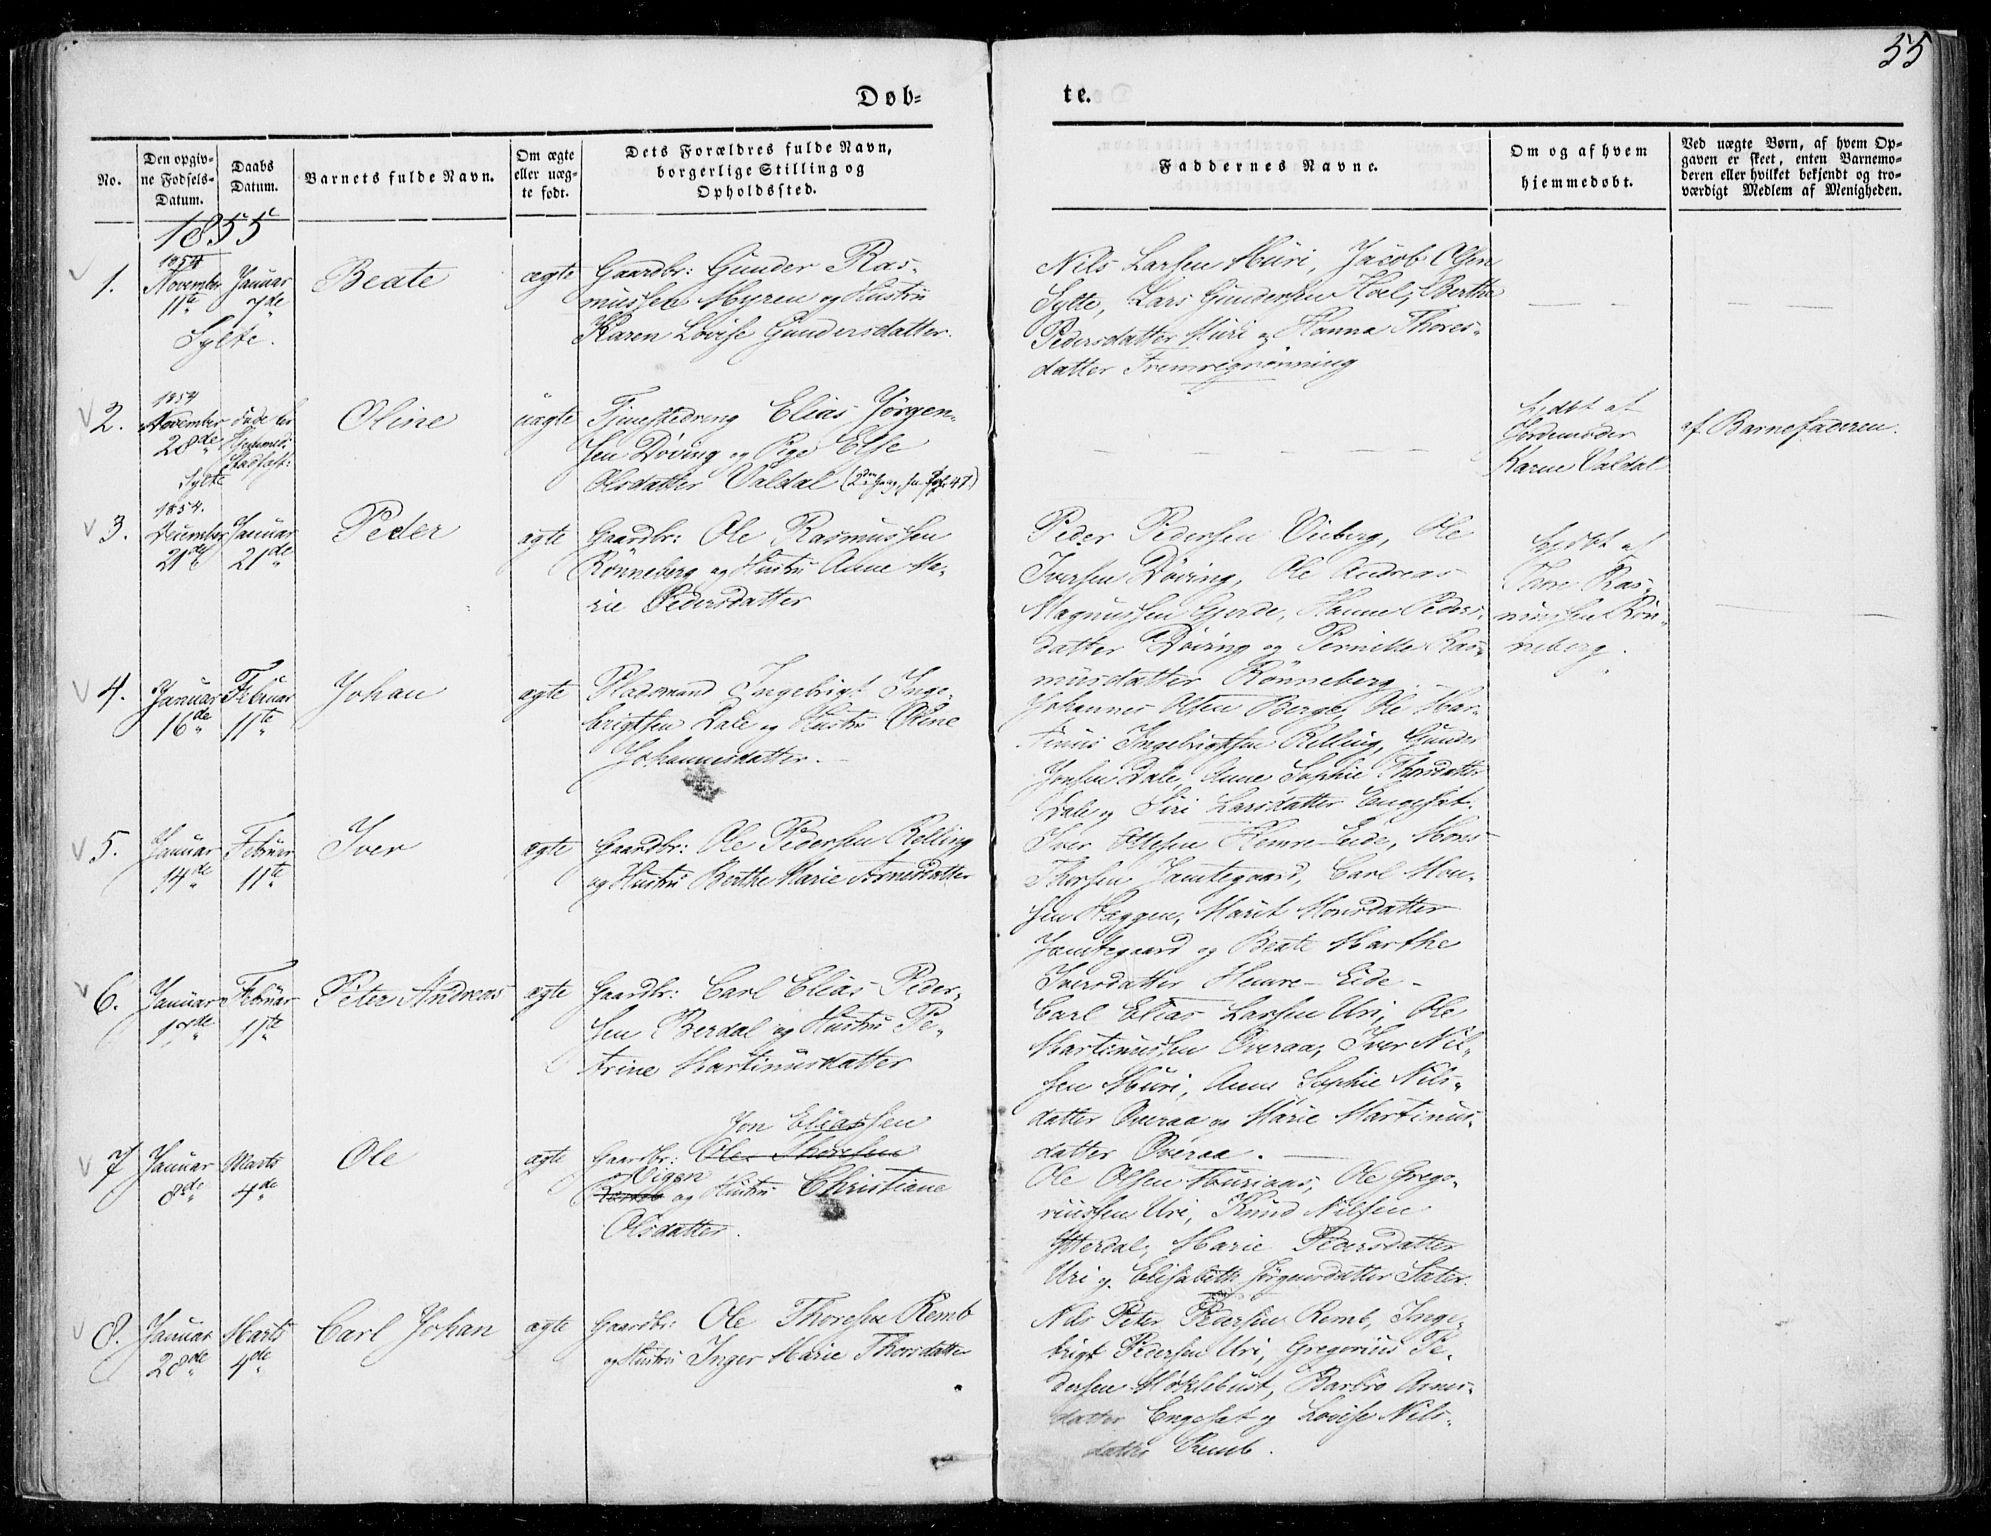 SAT, Ministerialprotokoller, klokkerbøker og fødselsregistre - Møre og Romsdal, 519/L0249: Ministerialbok nr. 519A08, 1846-1868, s. 55